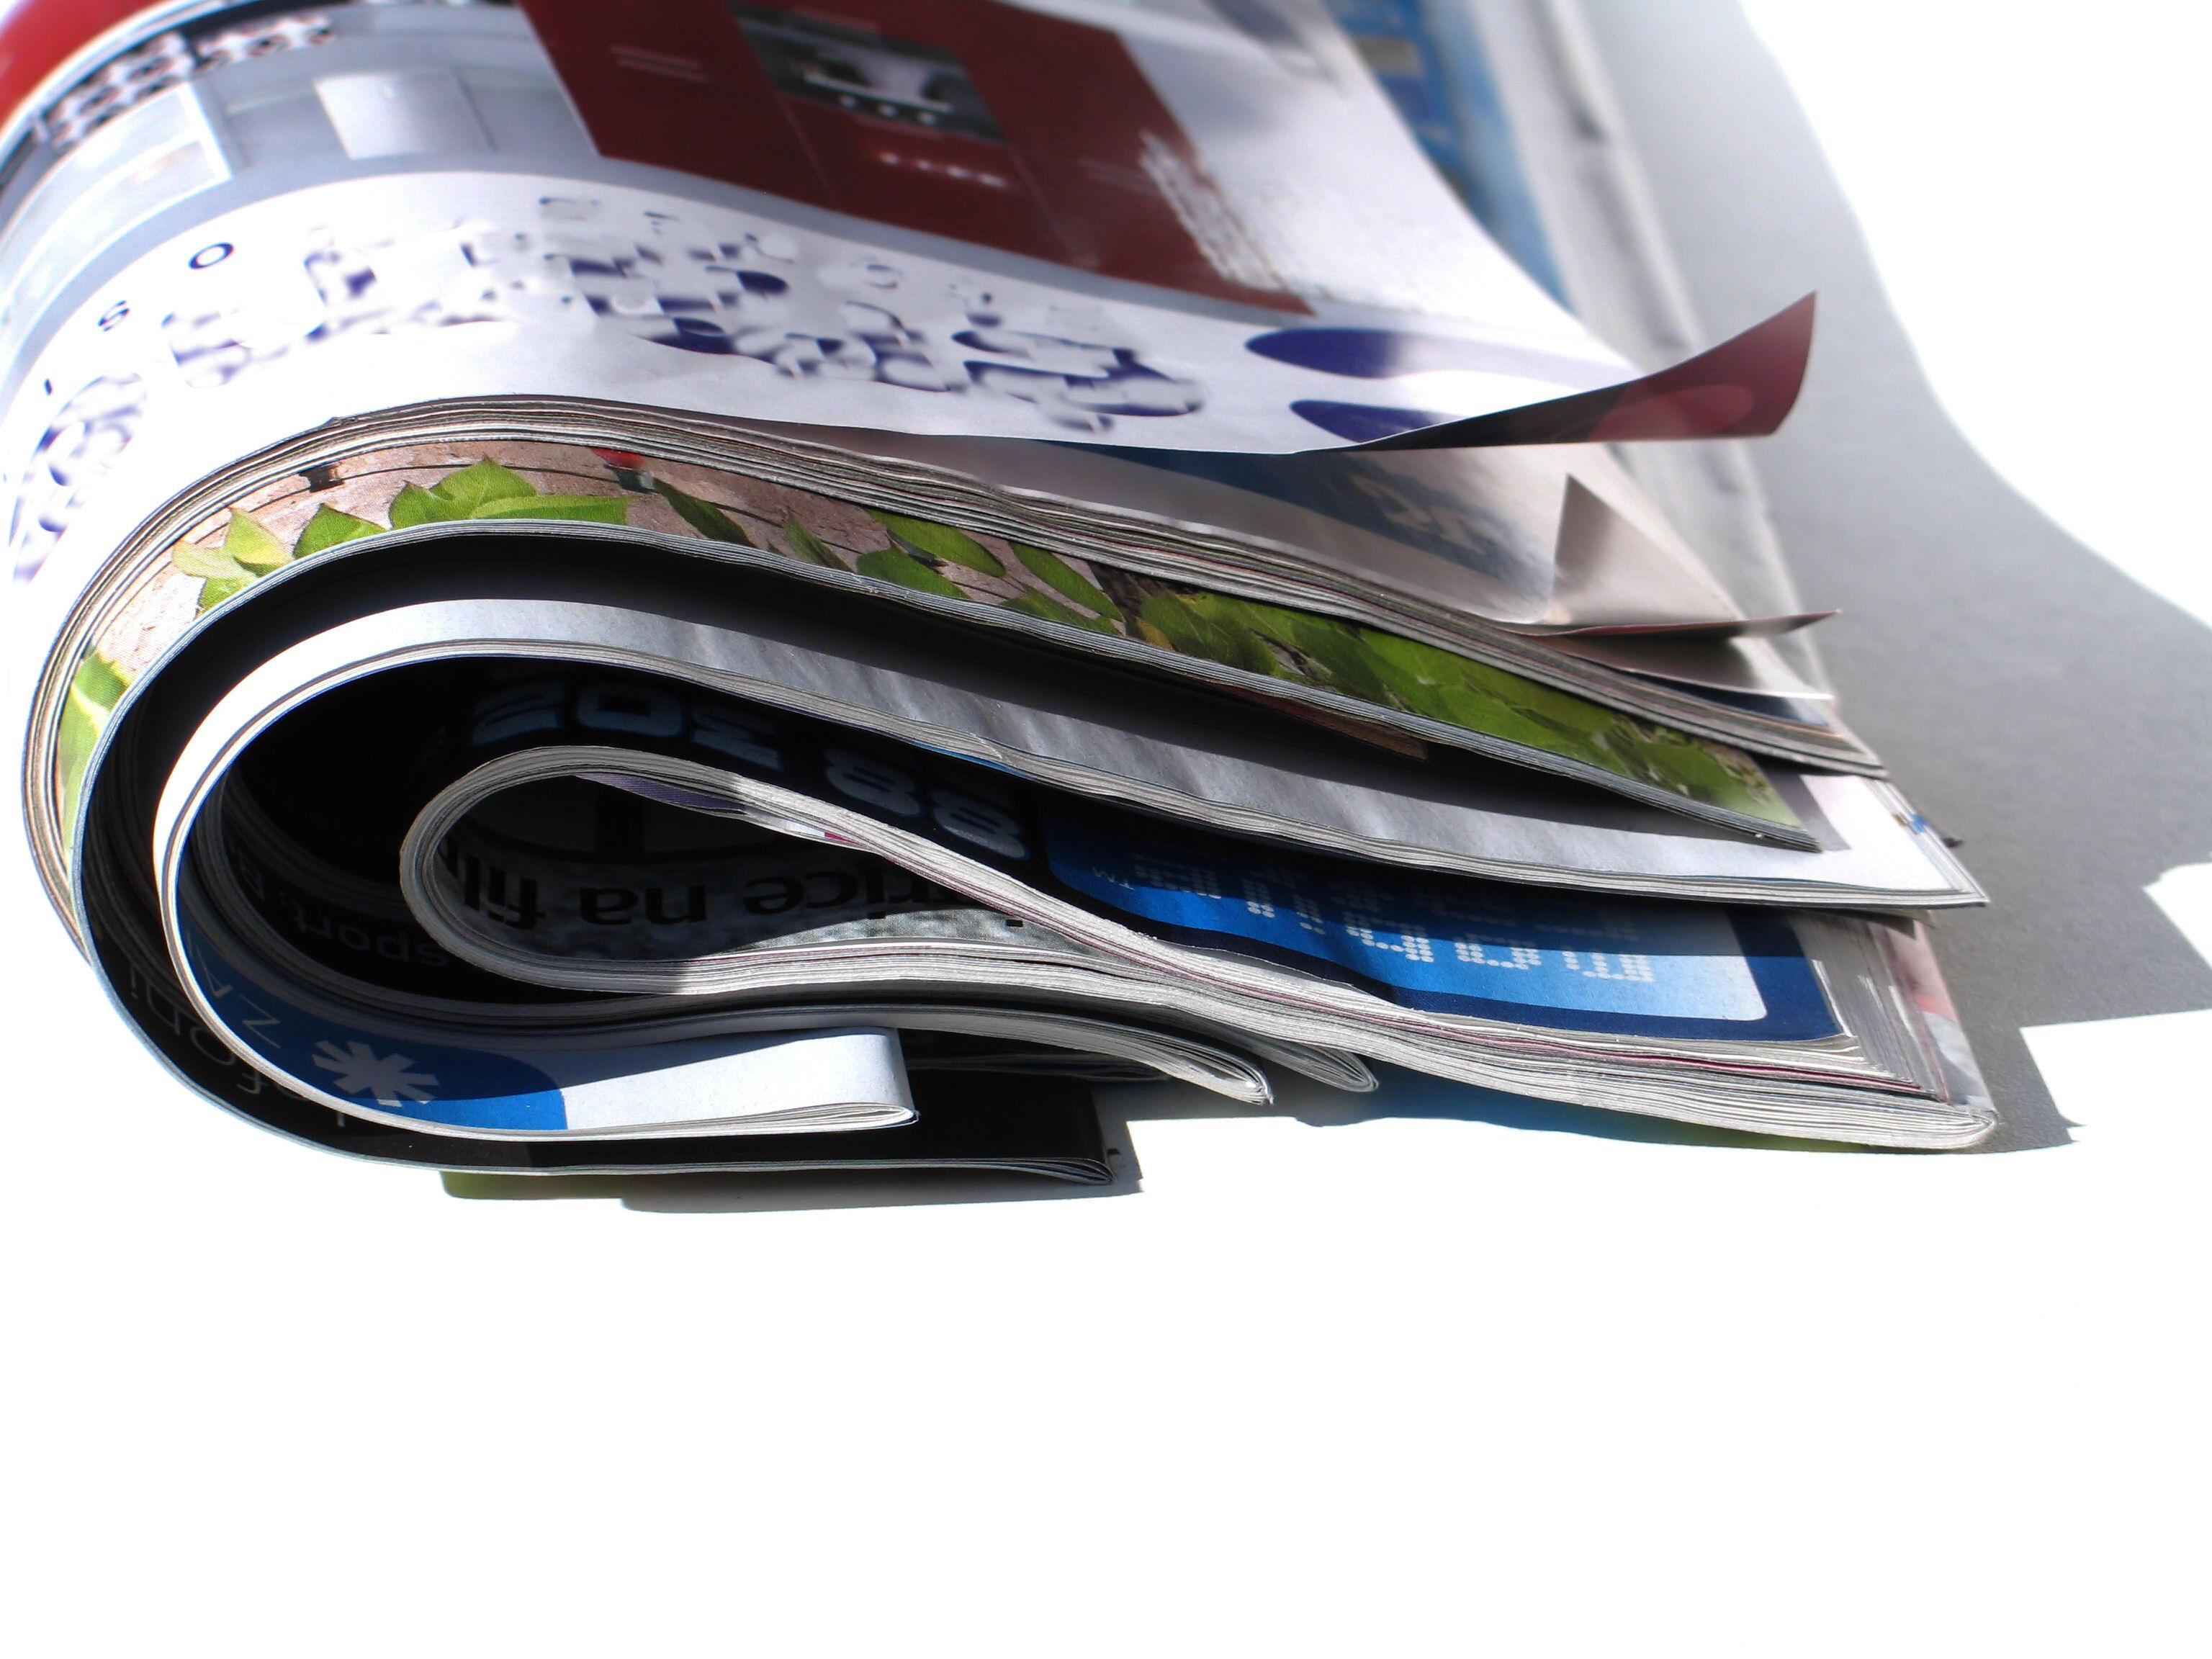 Tijdschriften worden steeds bewuster gelezen, Mediafacts, MediaFacts